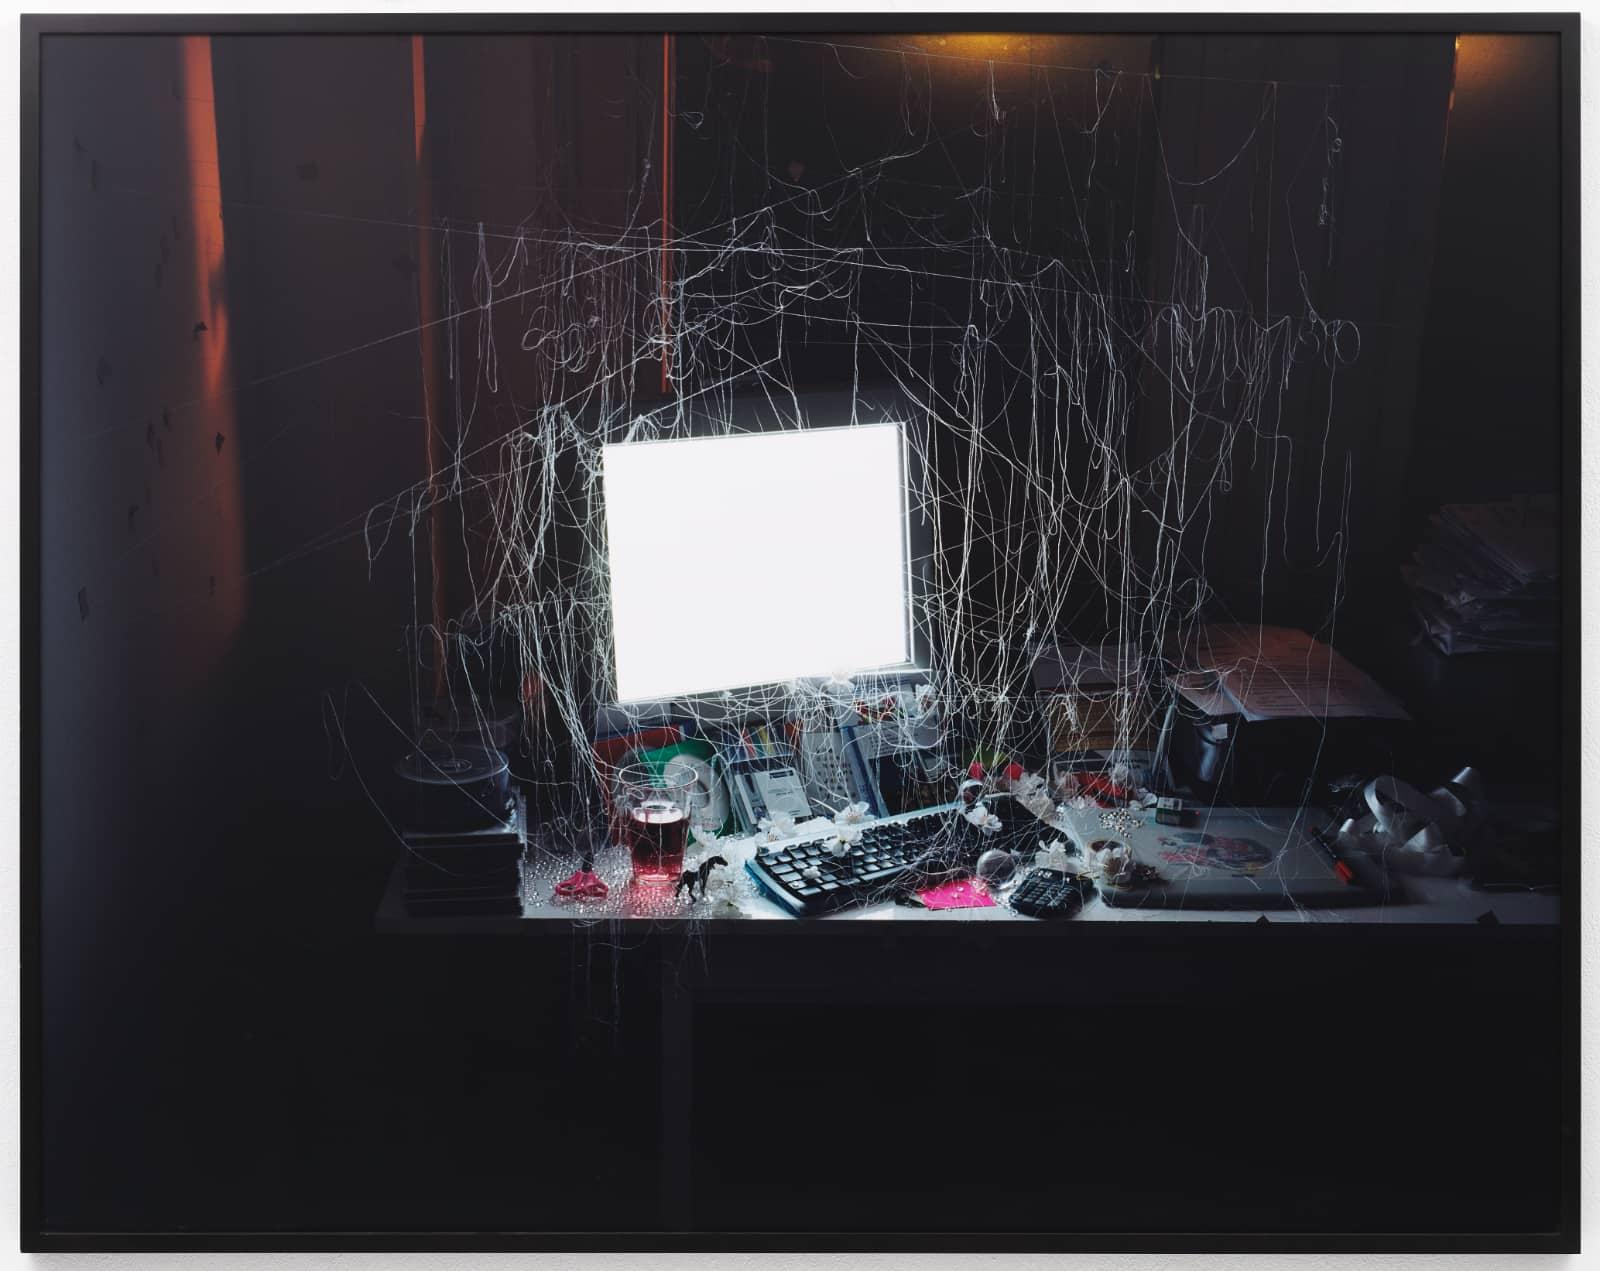 Elspeth Diederix, Computer, 2004, collectie Rabobank